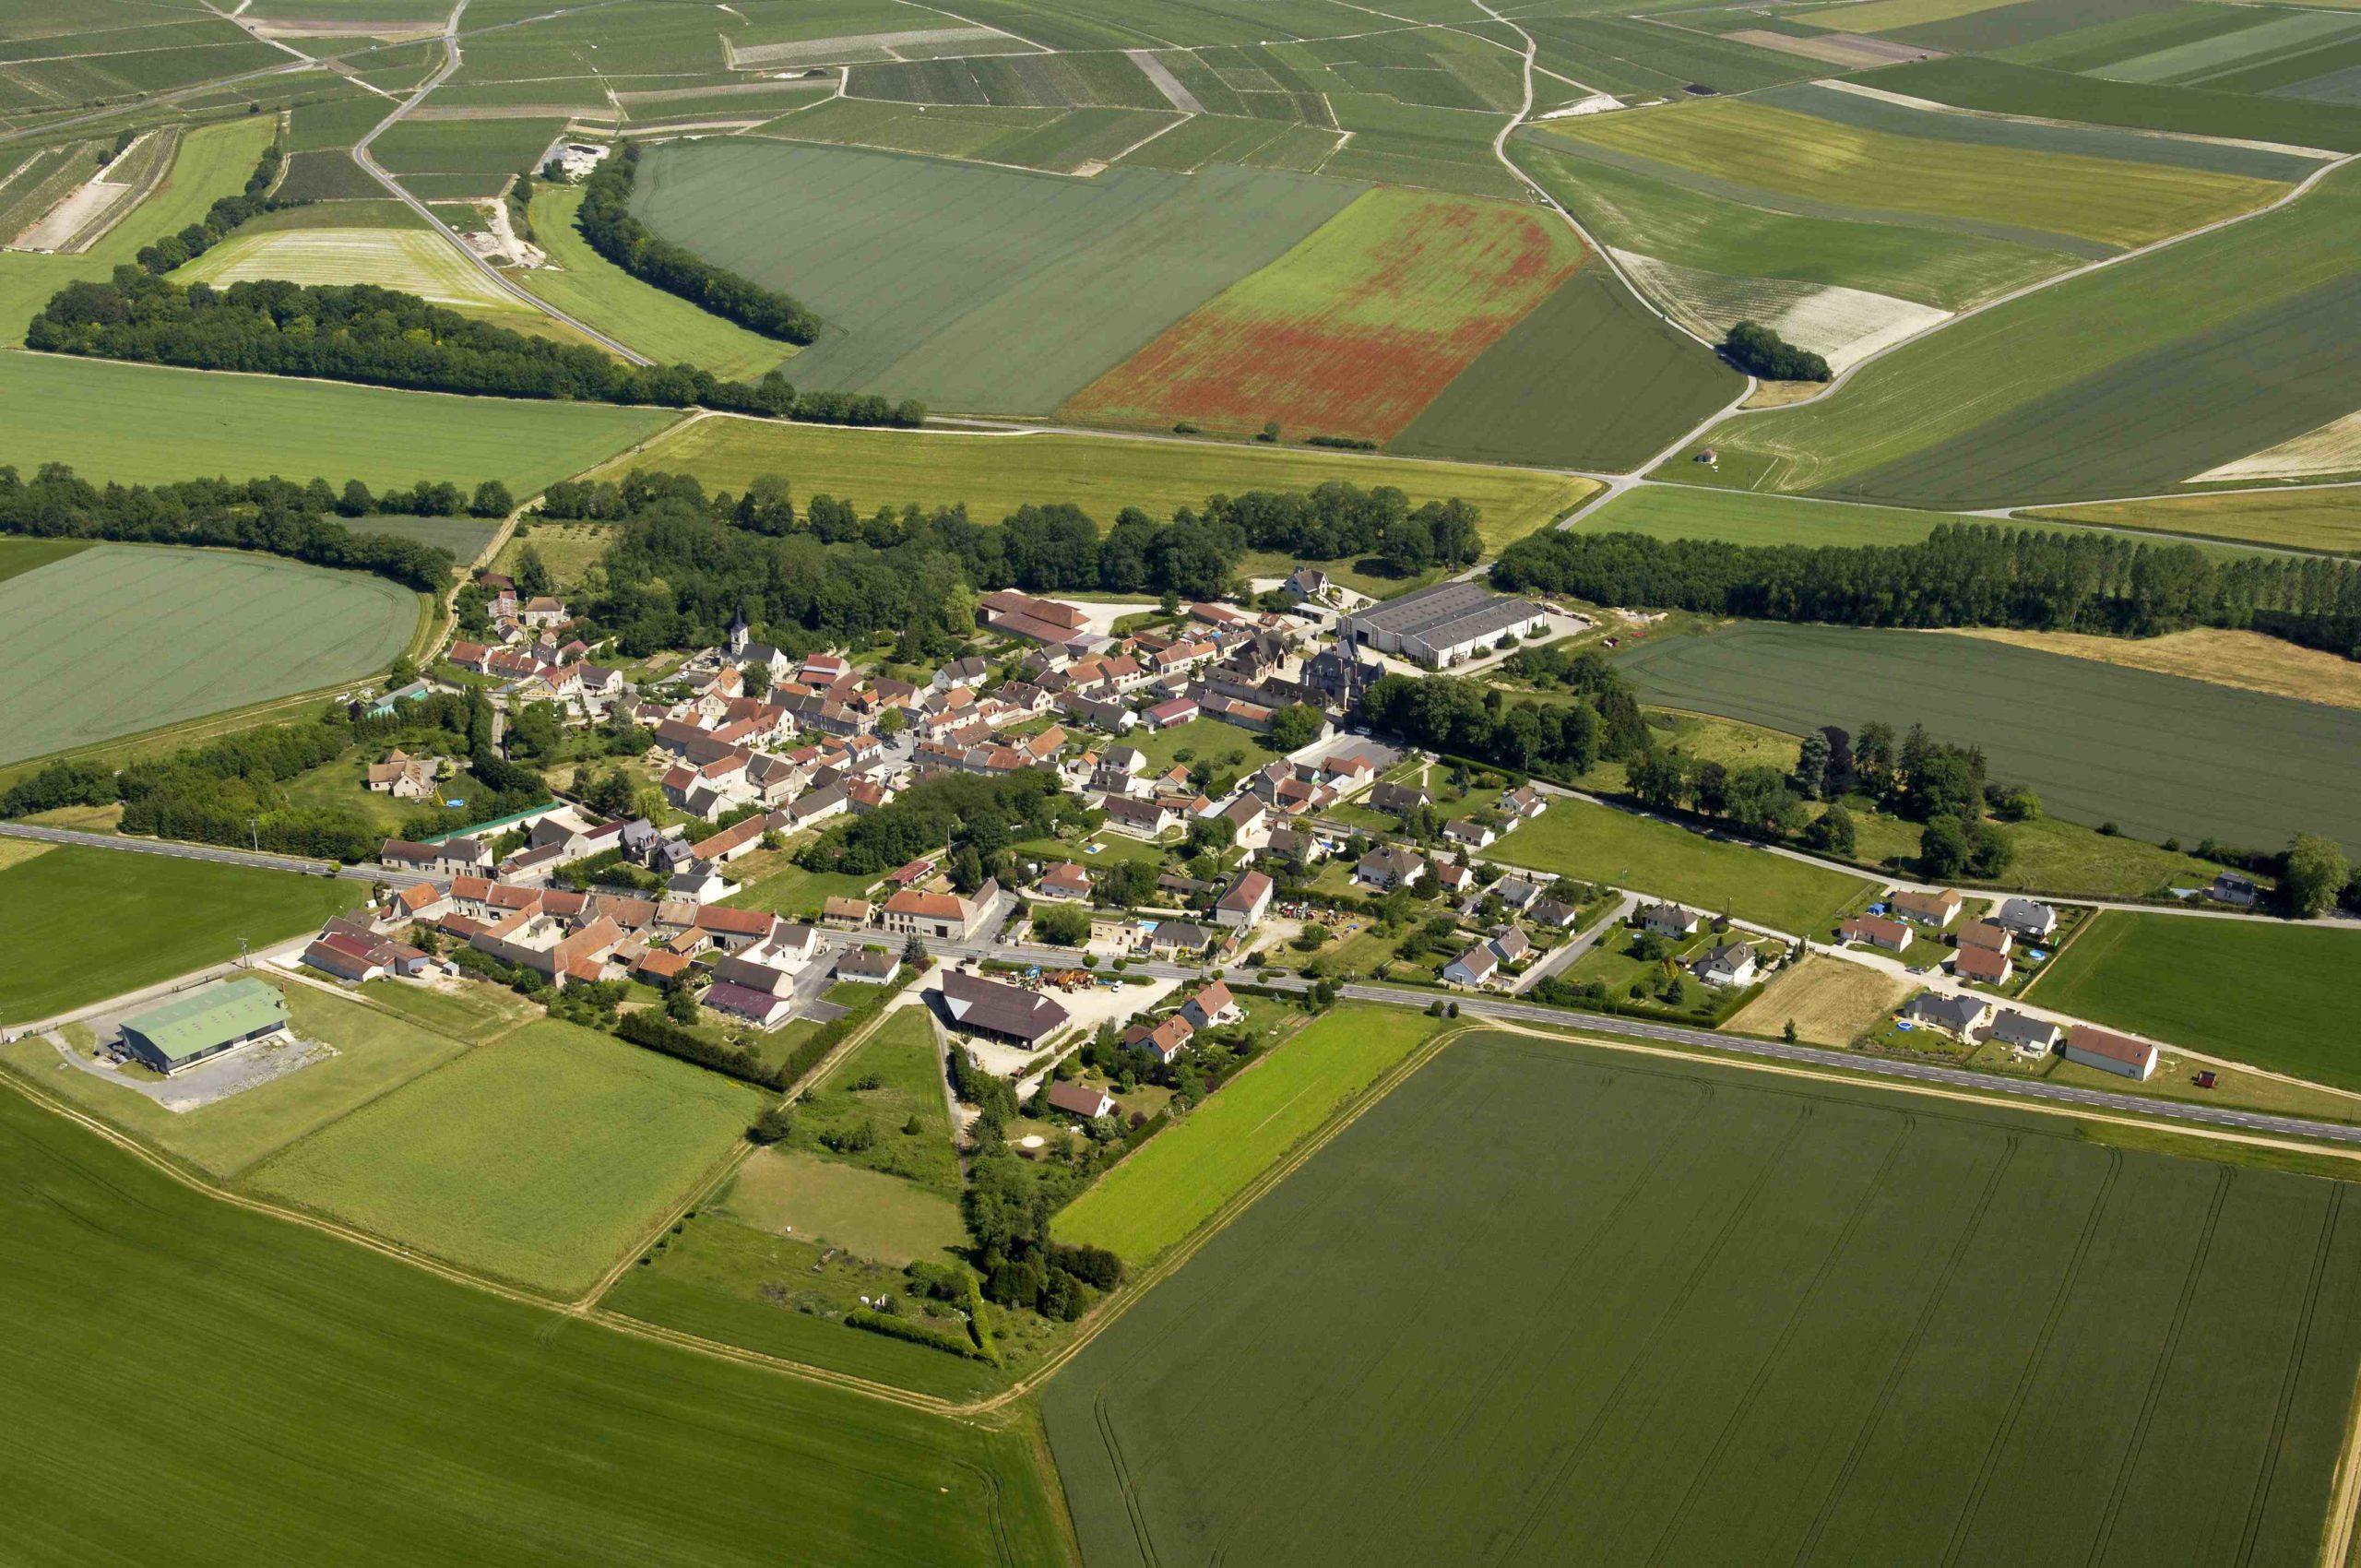 Vue aérienne du village de Tauxières-Mutry